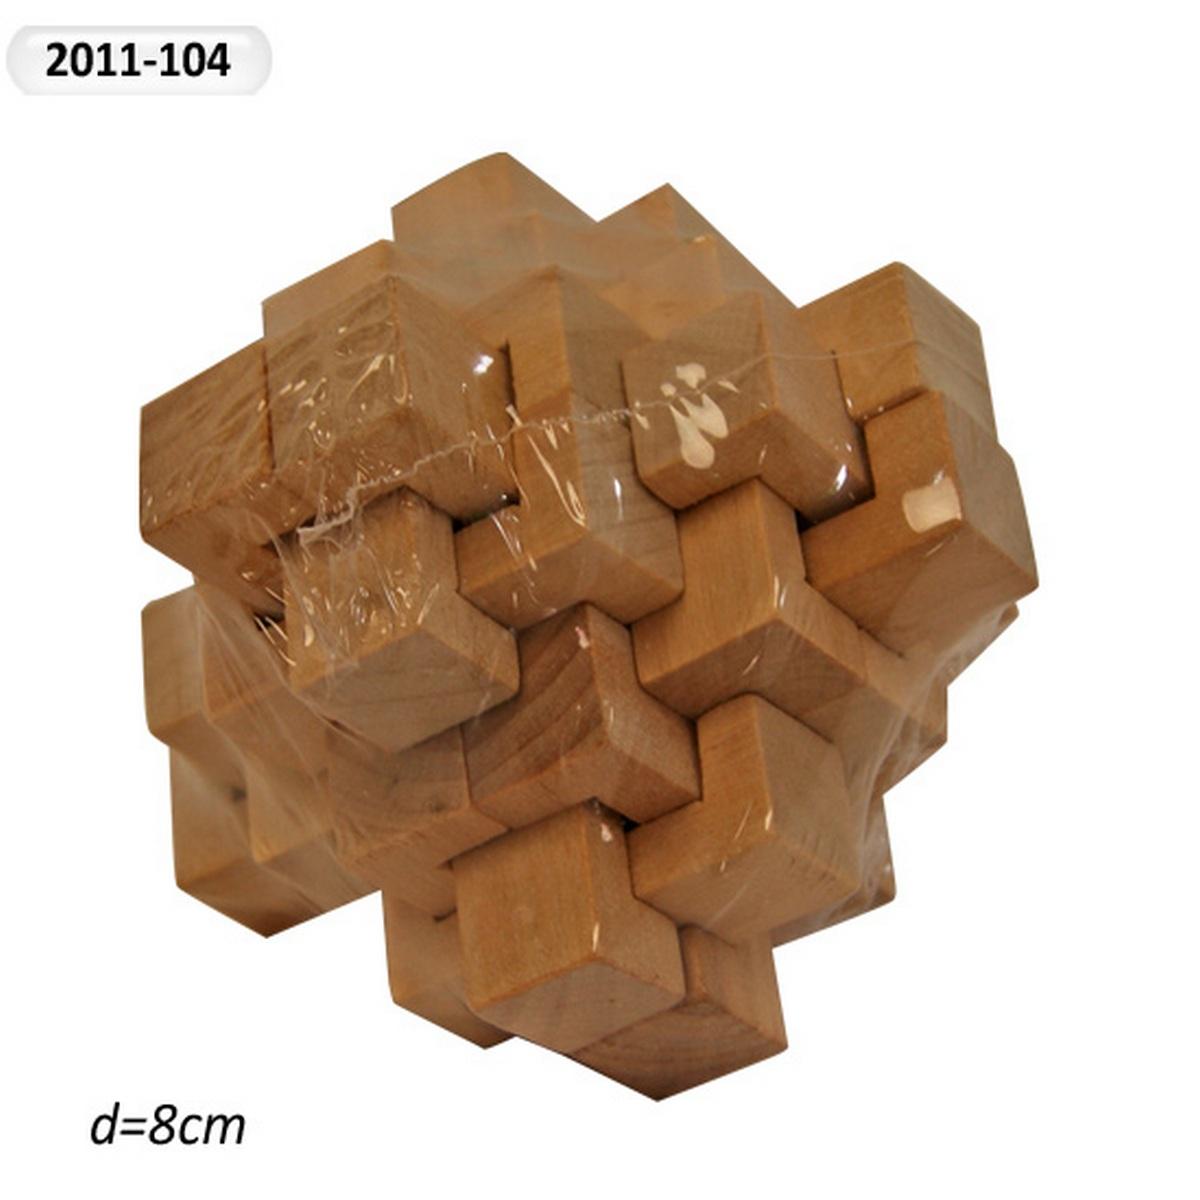 Головоломка деревянная 2011-104